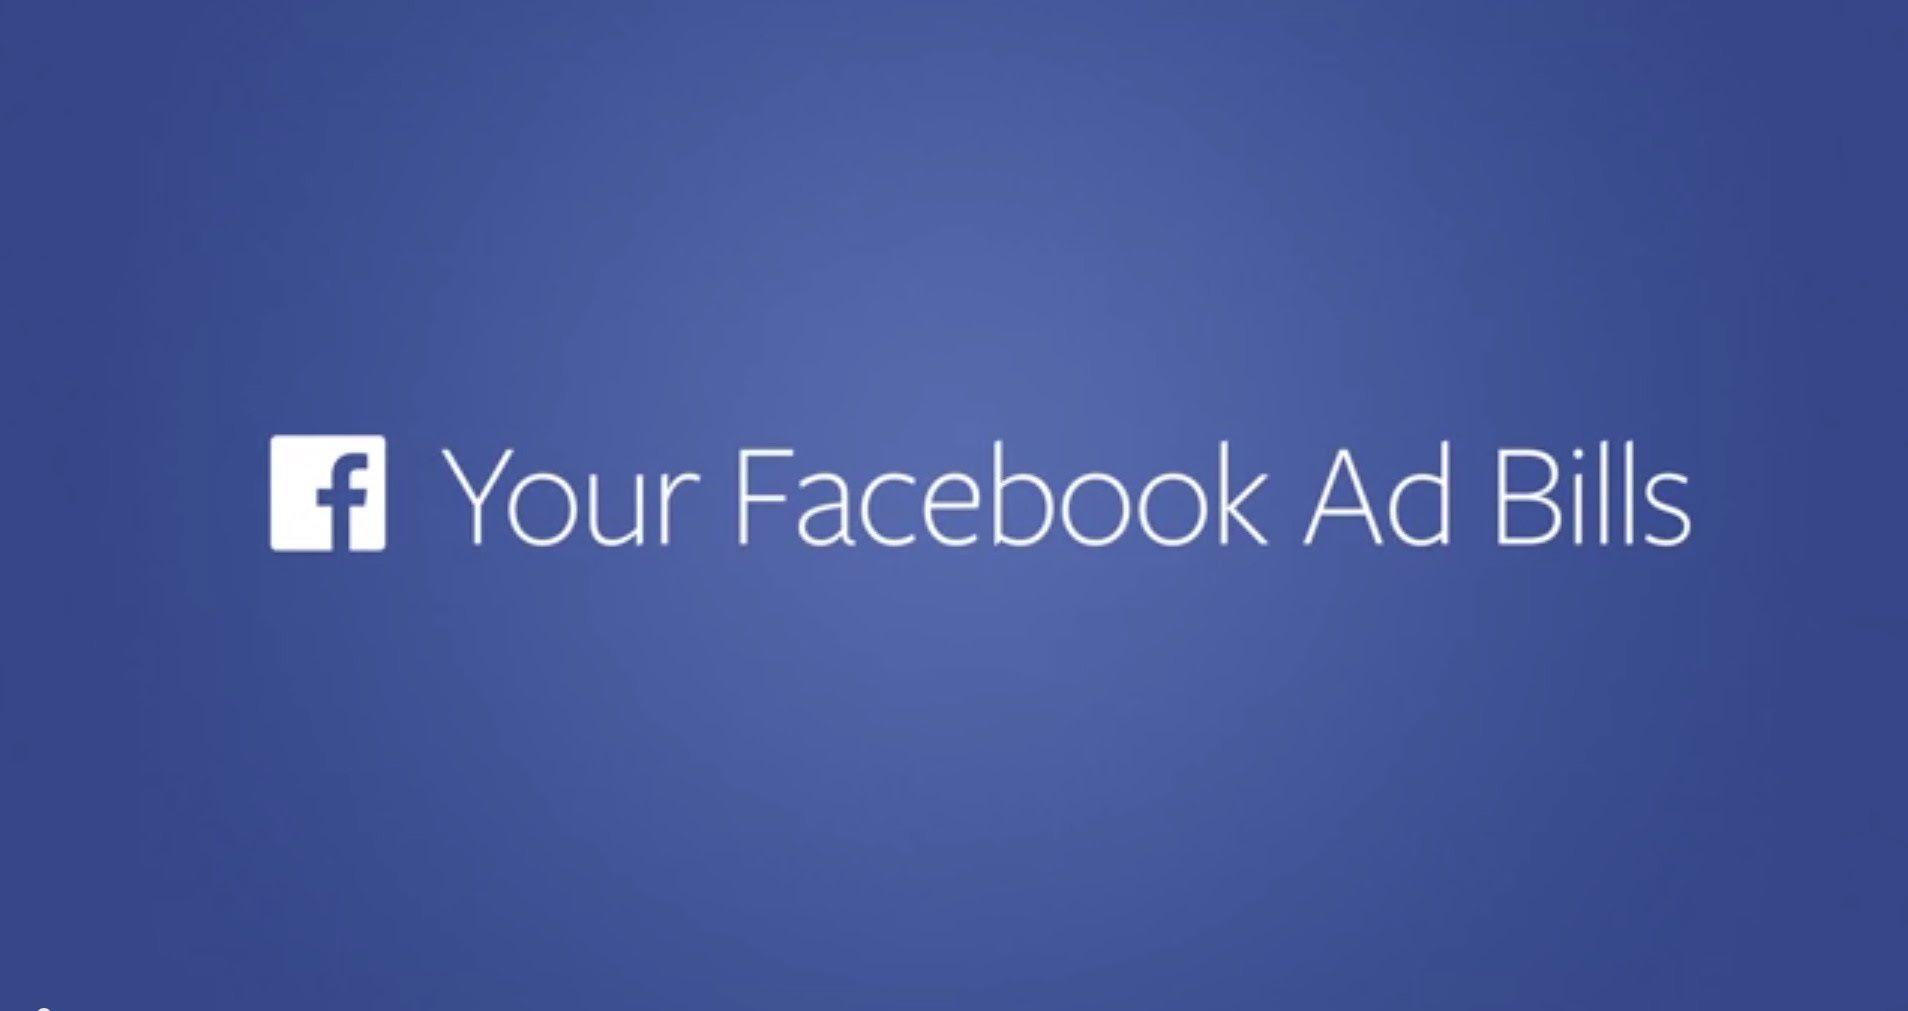 Come scaricare le fatture di Facebook